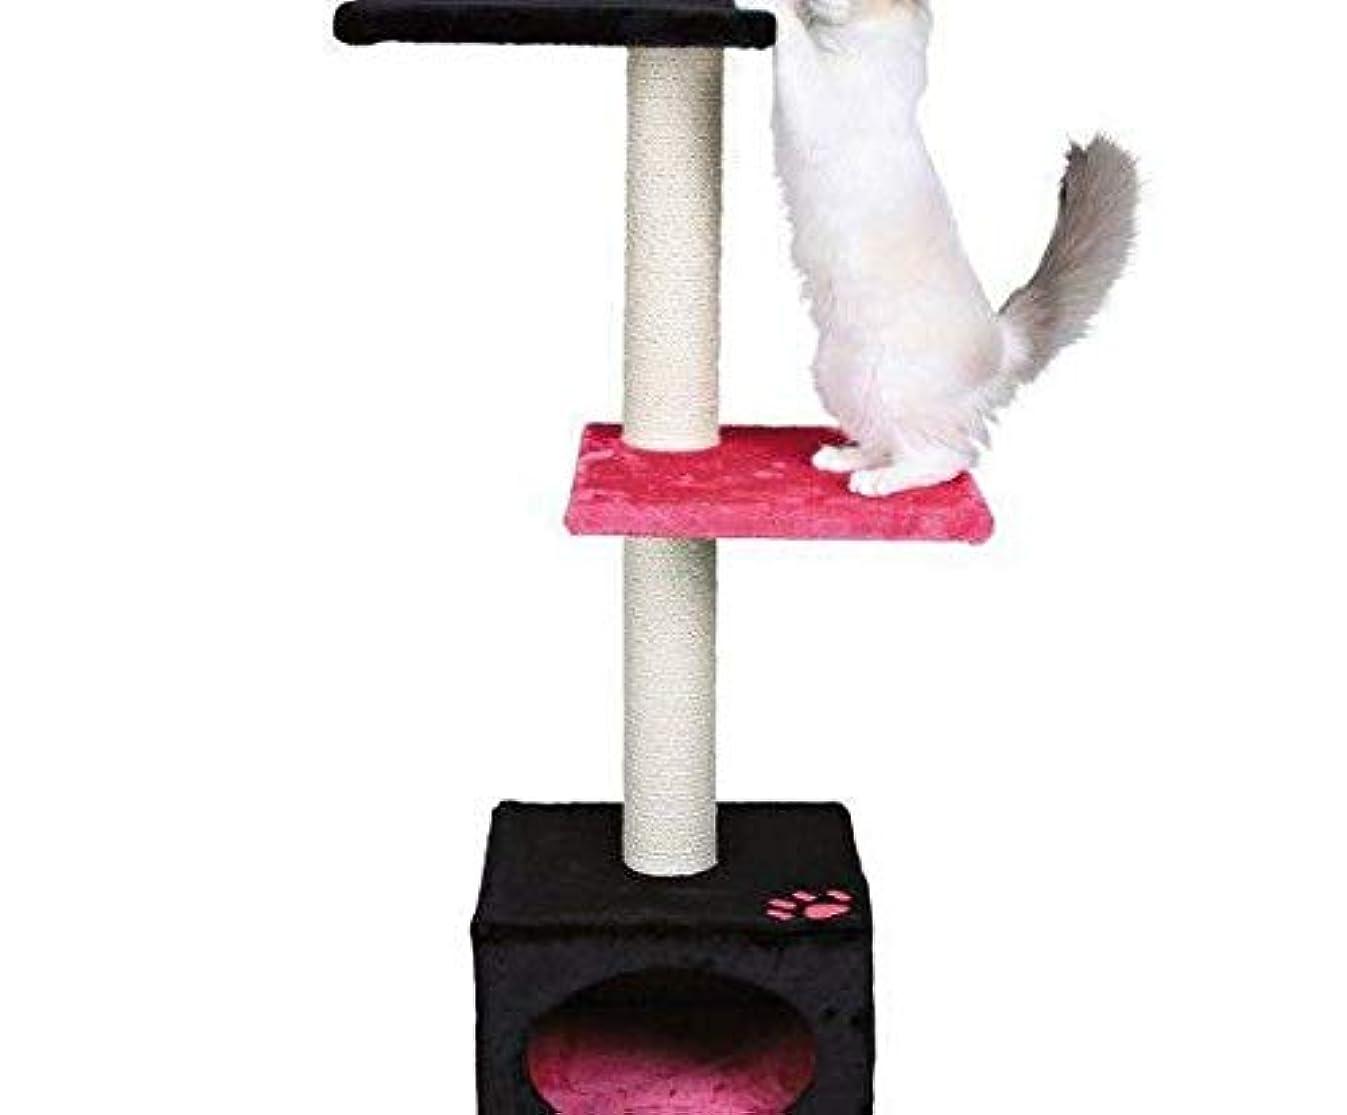 ゴミ箱所属木製Scratcher Badalona109cm,-ブラック/ピンク、Trixie、J、Scratchers、猫